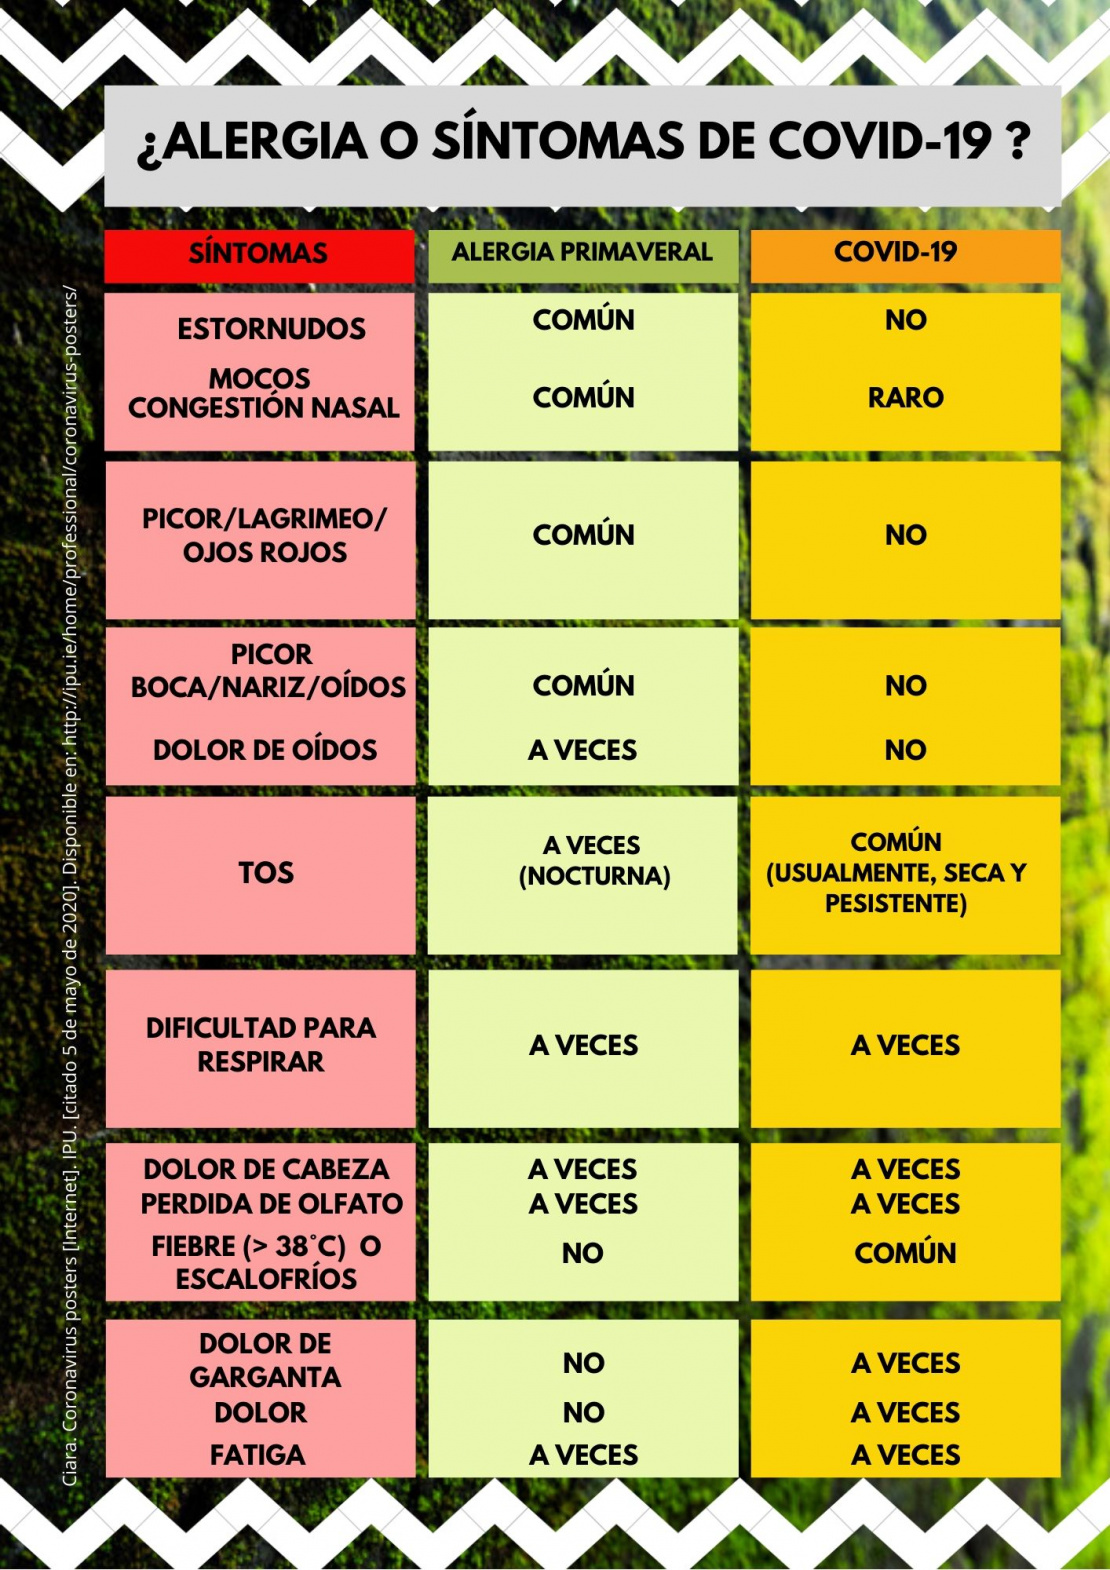 ¿ALERGIA O SÍNTOMAS DE COVID-19 ?